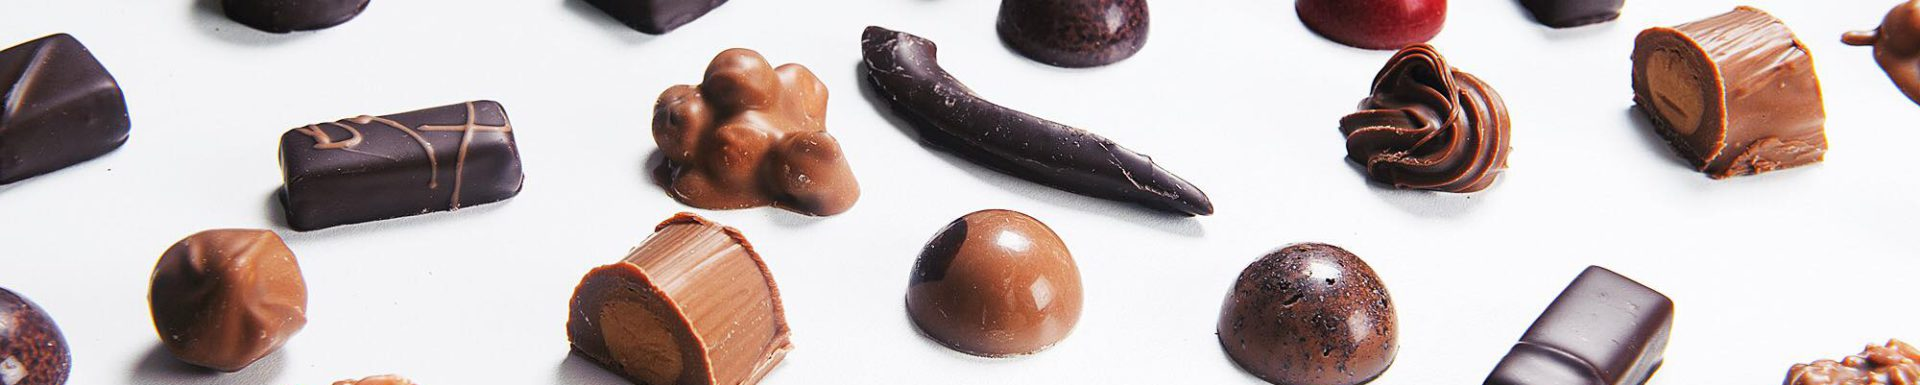 Arguelles Pasteleria Gijon - Confiteria - bombones Asturias - online